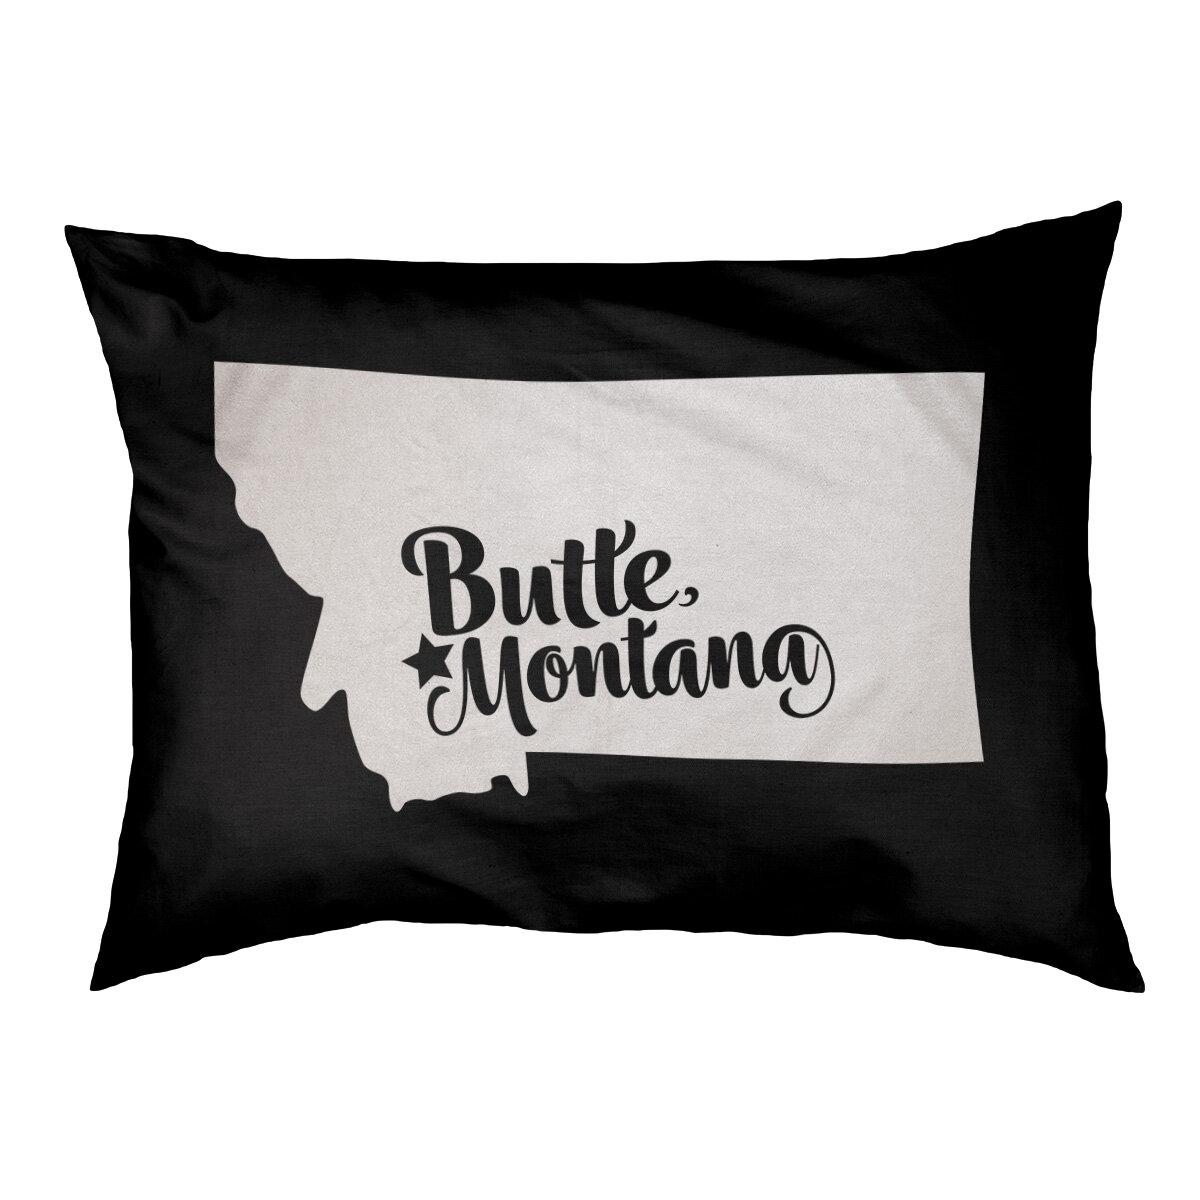 East Urban Home Butte Montana Designer Pillow Wayfair